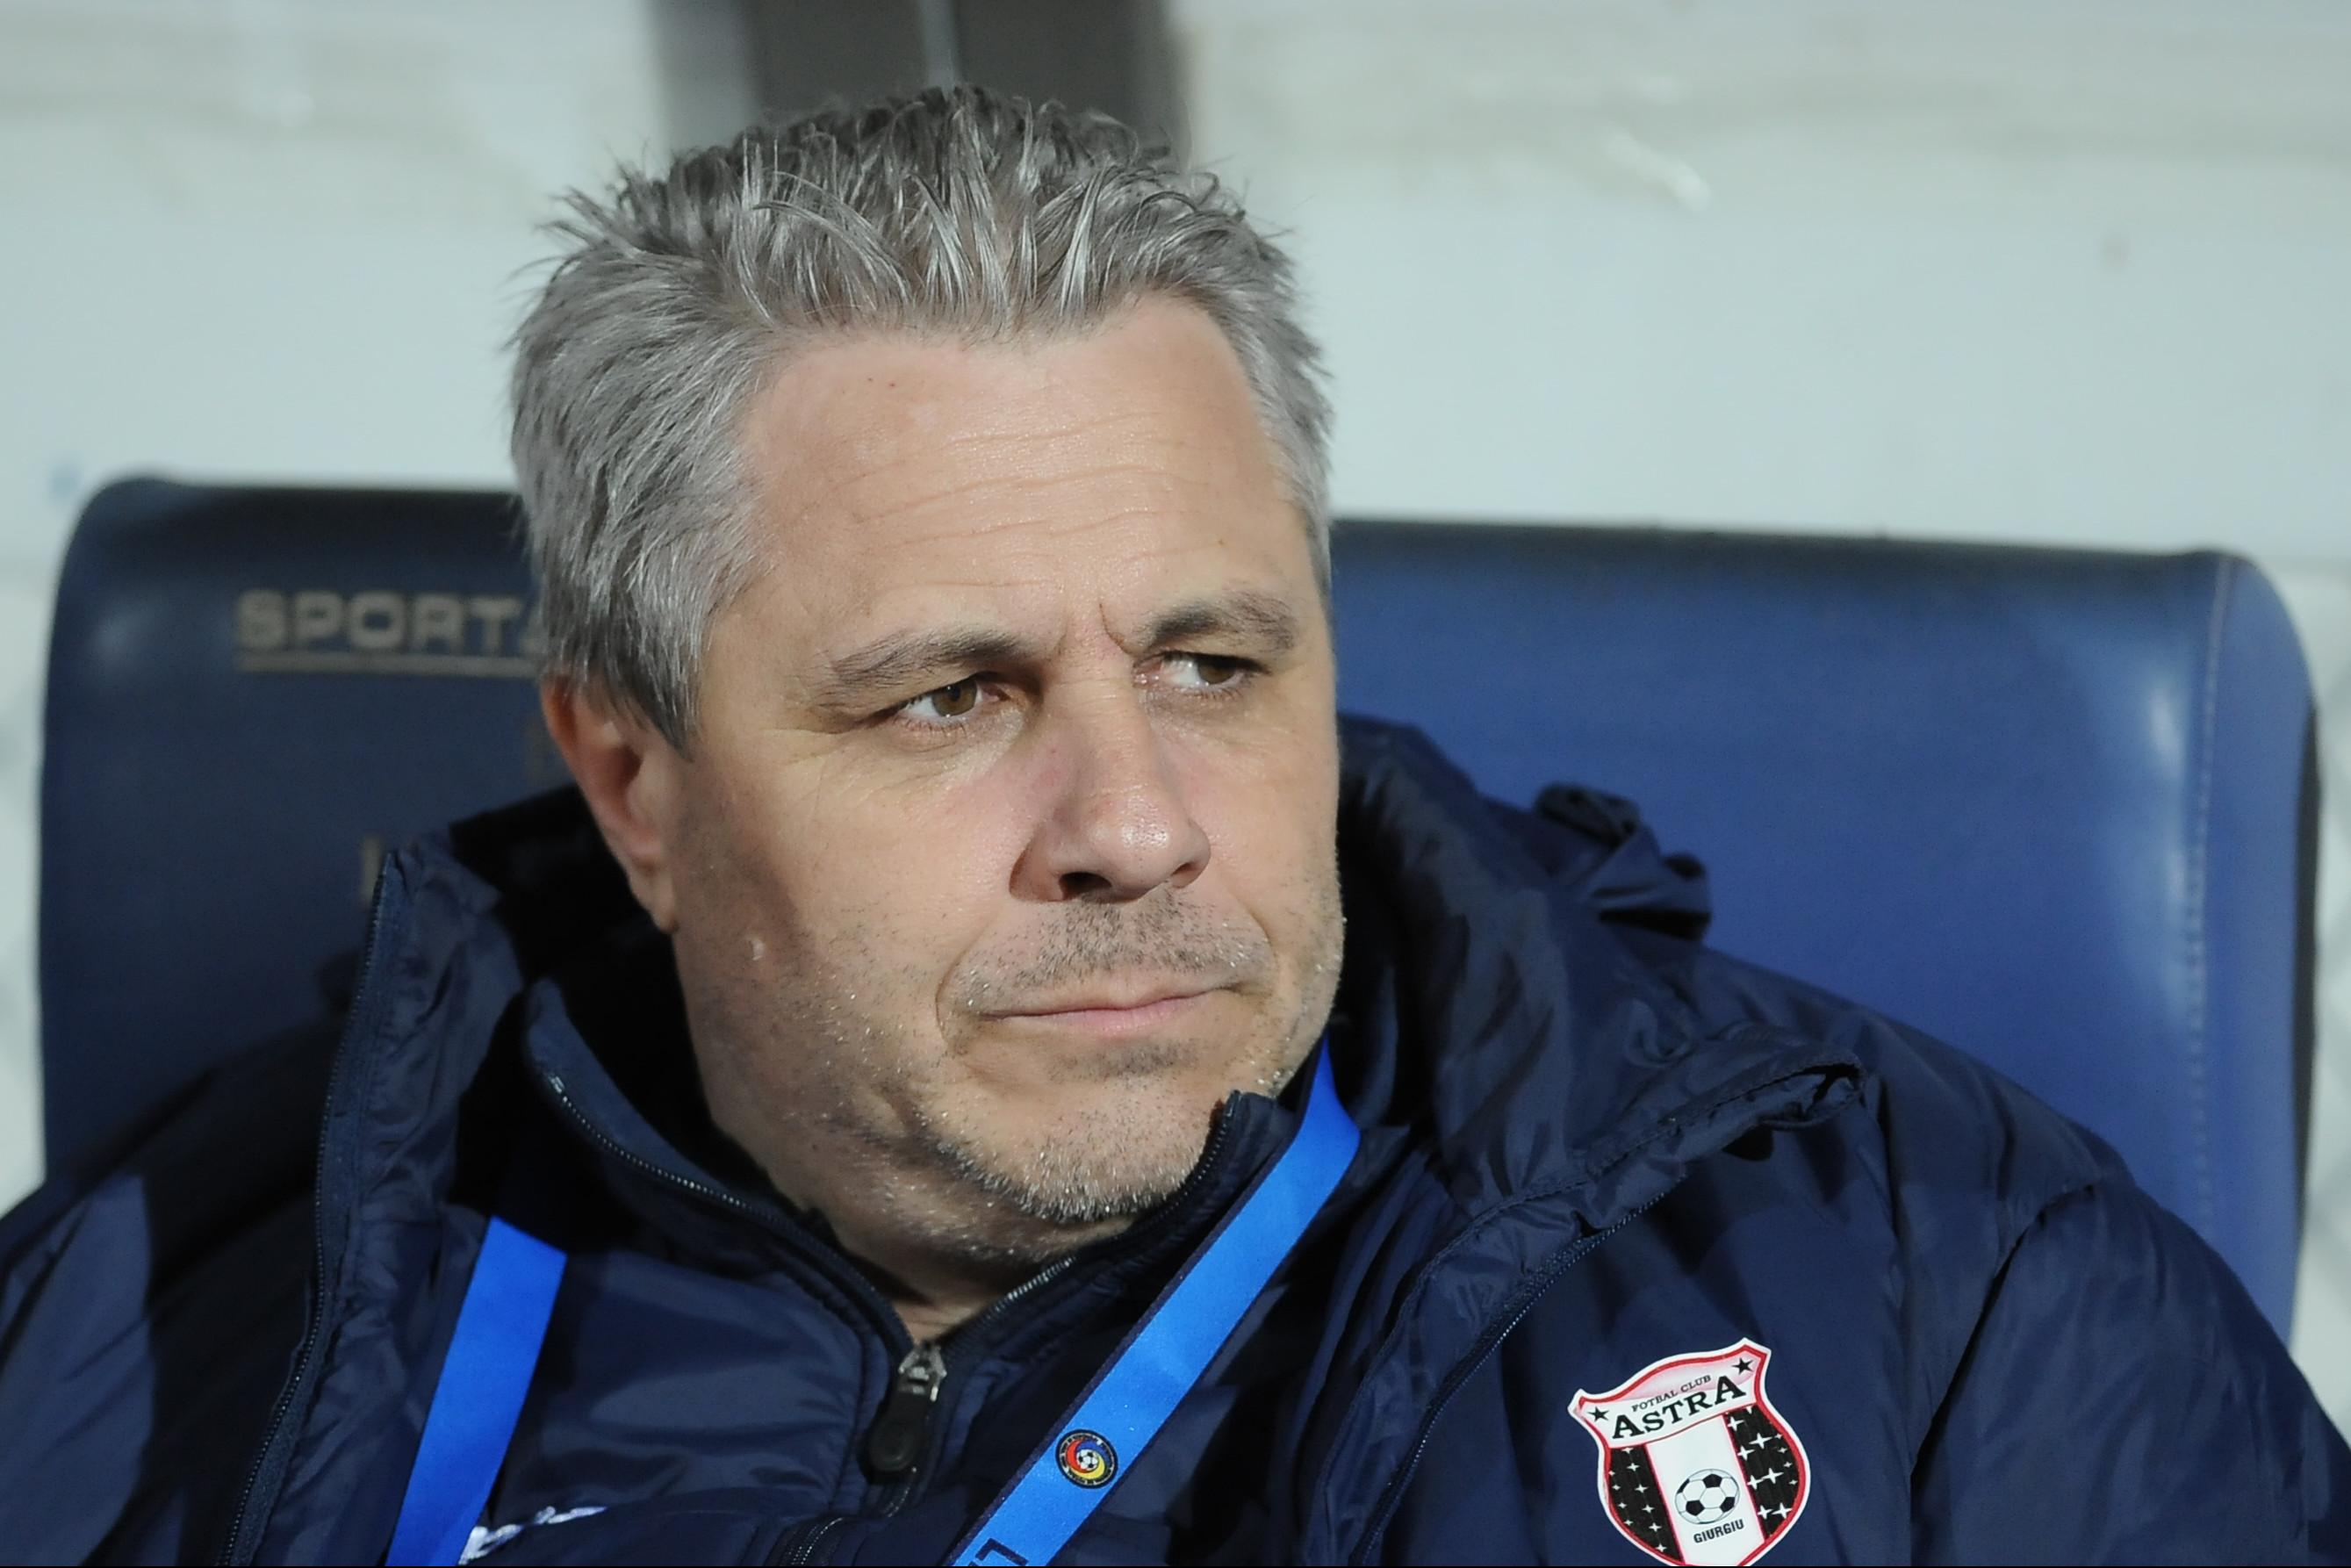 Ministrul Sportului: Insultele rasiste la adresa domnului Şumudică sunt inacceptabile